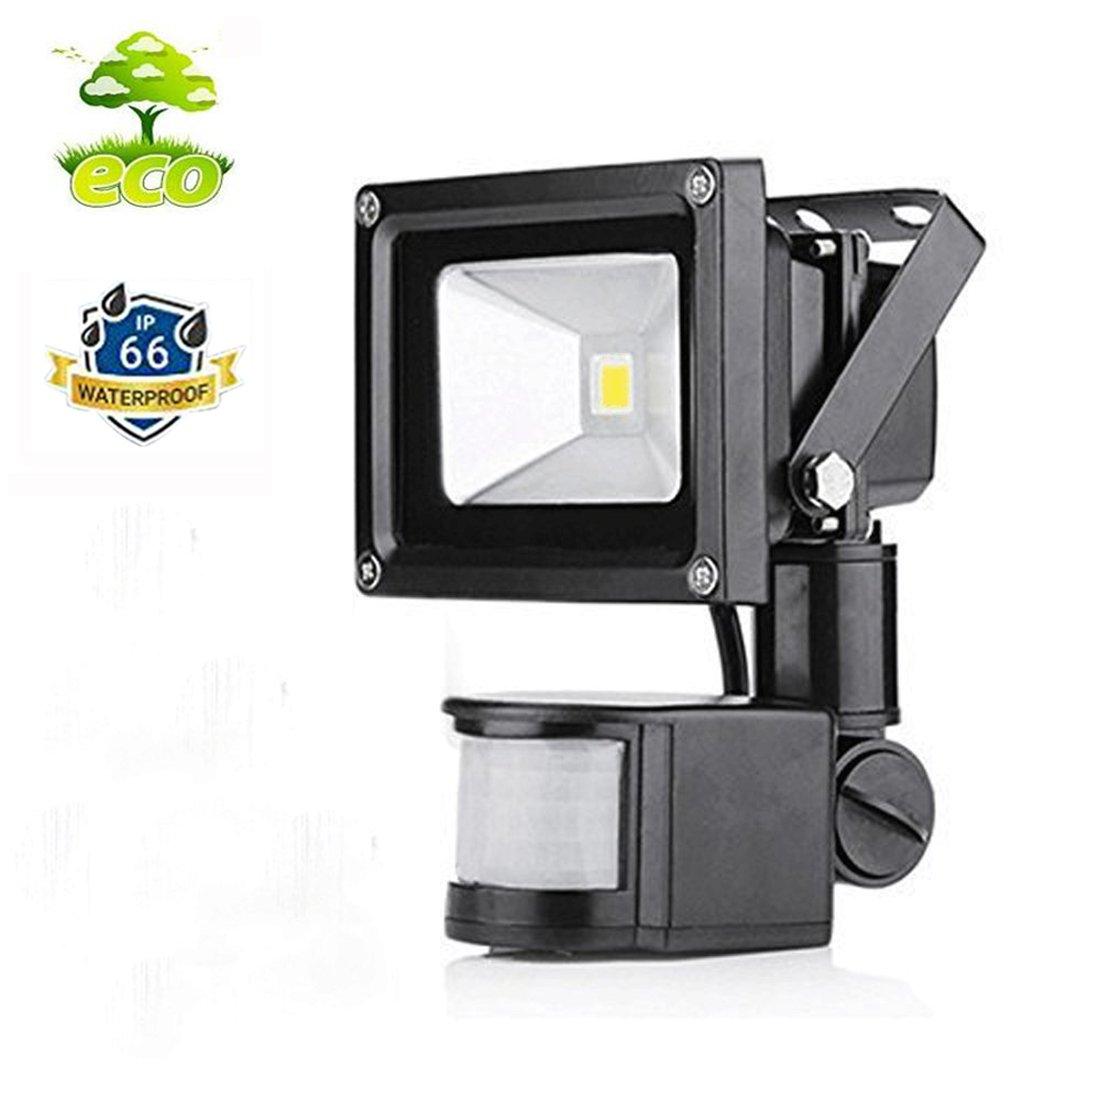 10W Foco con Sensor Movimiento Proyector LED Exterior Iluminación de Exterior y Seguridad para patio, jardín | Impermeable IP65 | 6000k Blanco Frío ...